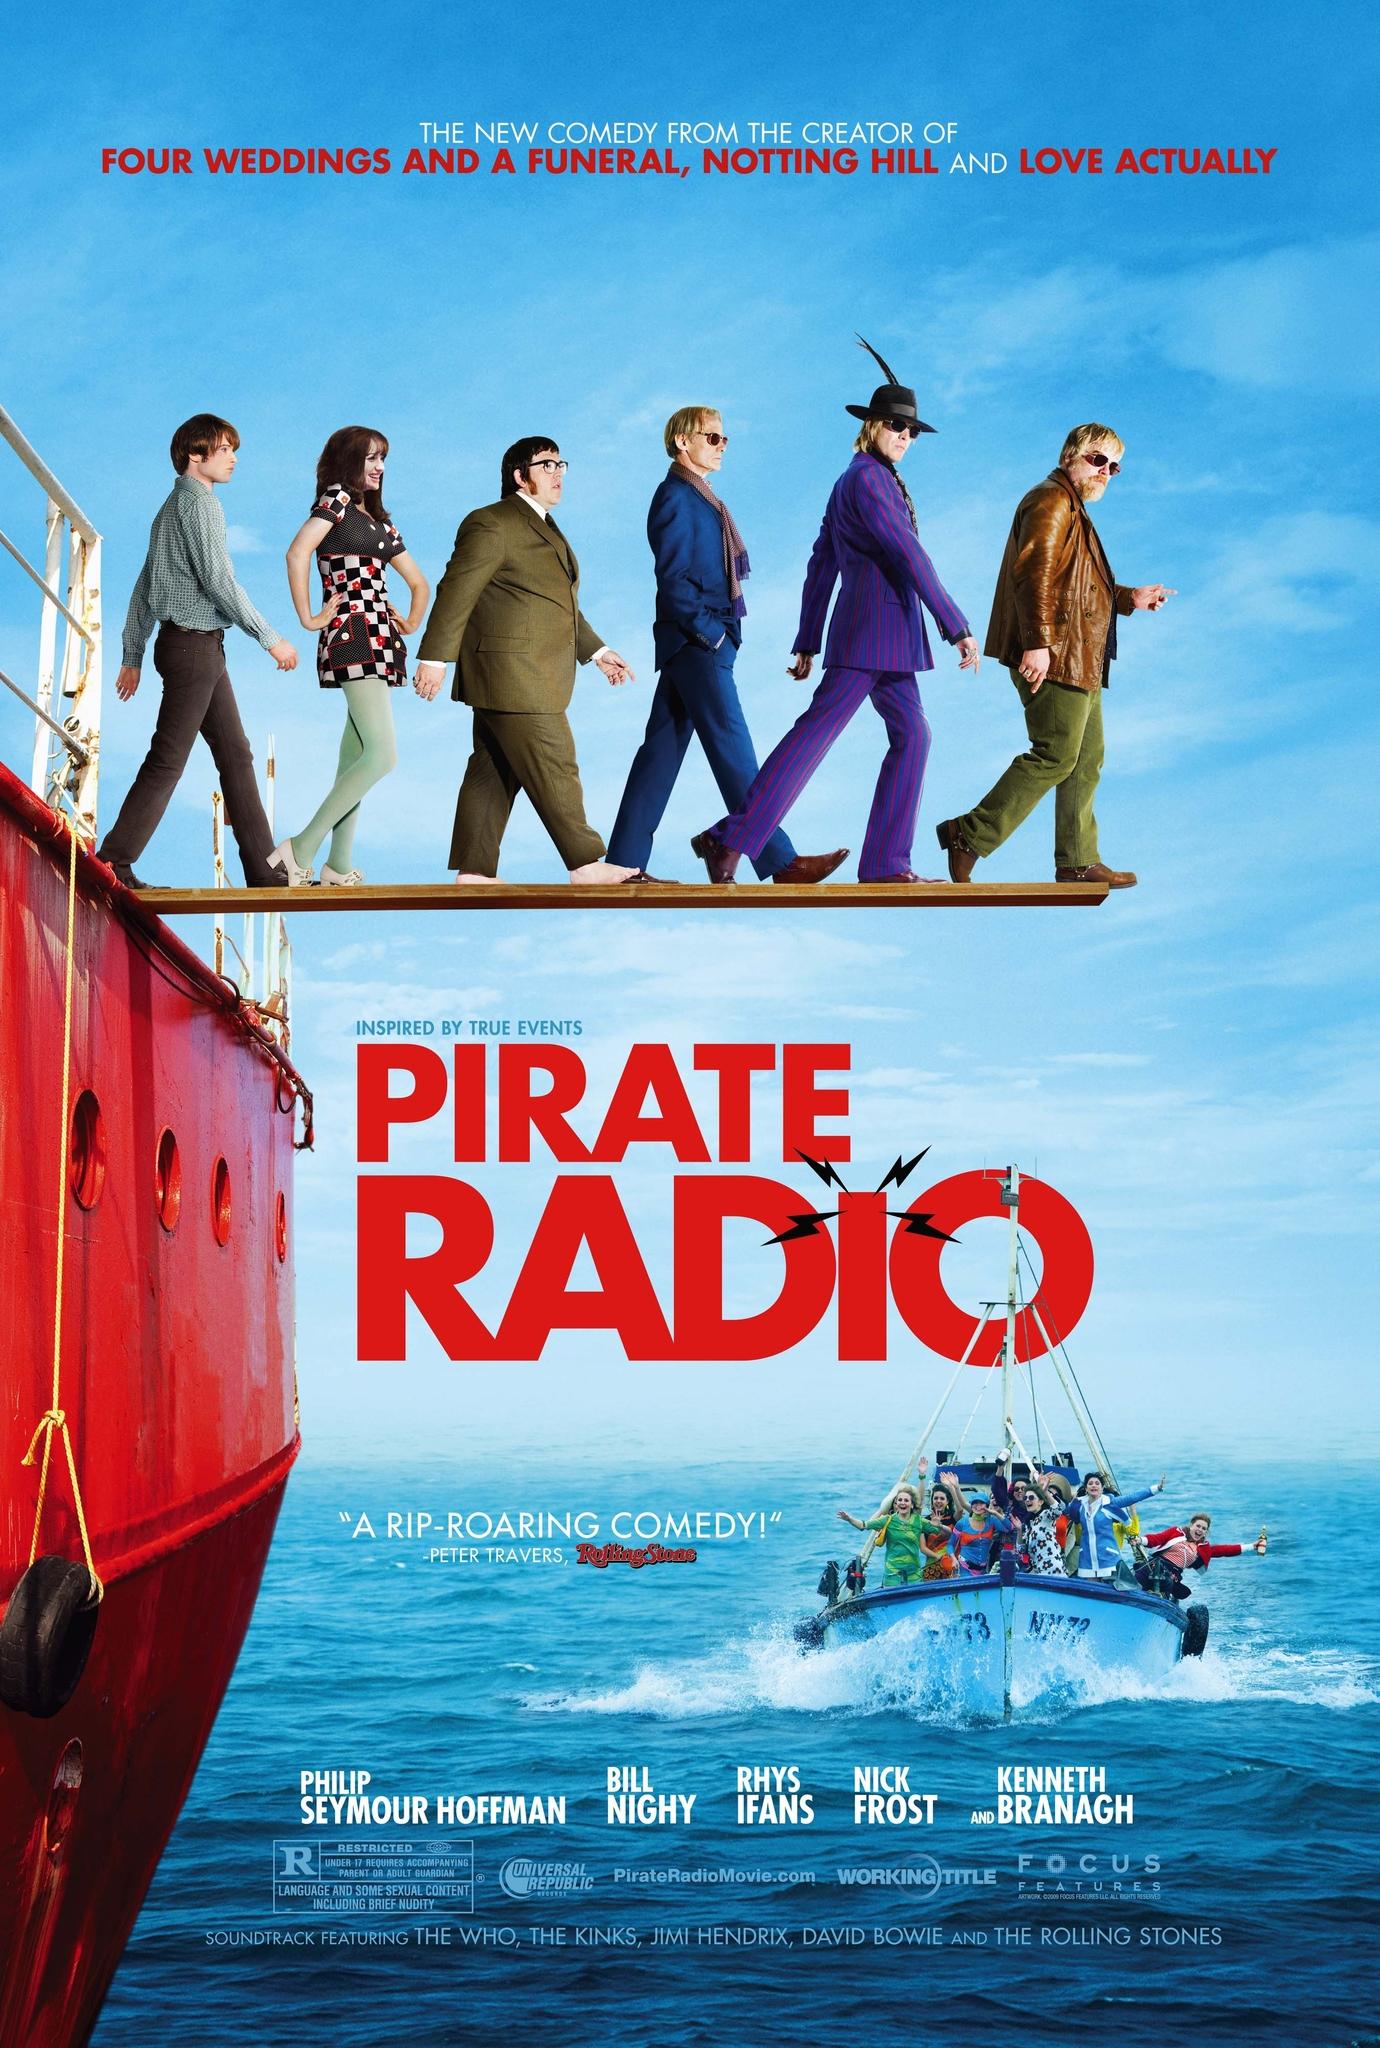 ดูหนัง Pirate Radio (2009) แก๊งฮากลิ้ง ซิ่งเรือร็อค